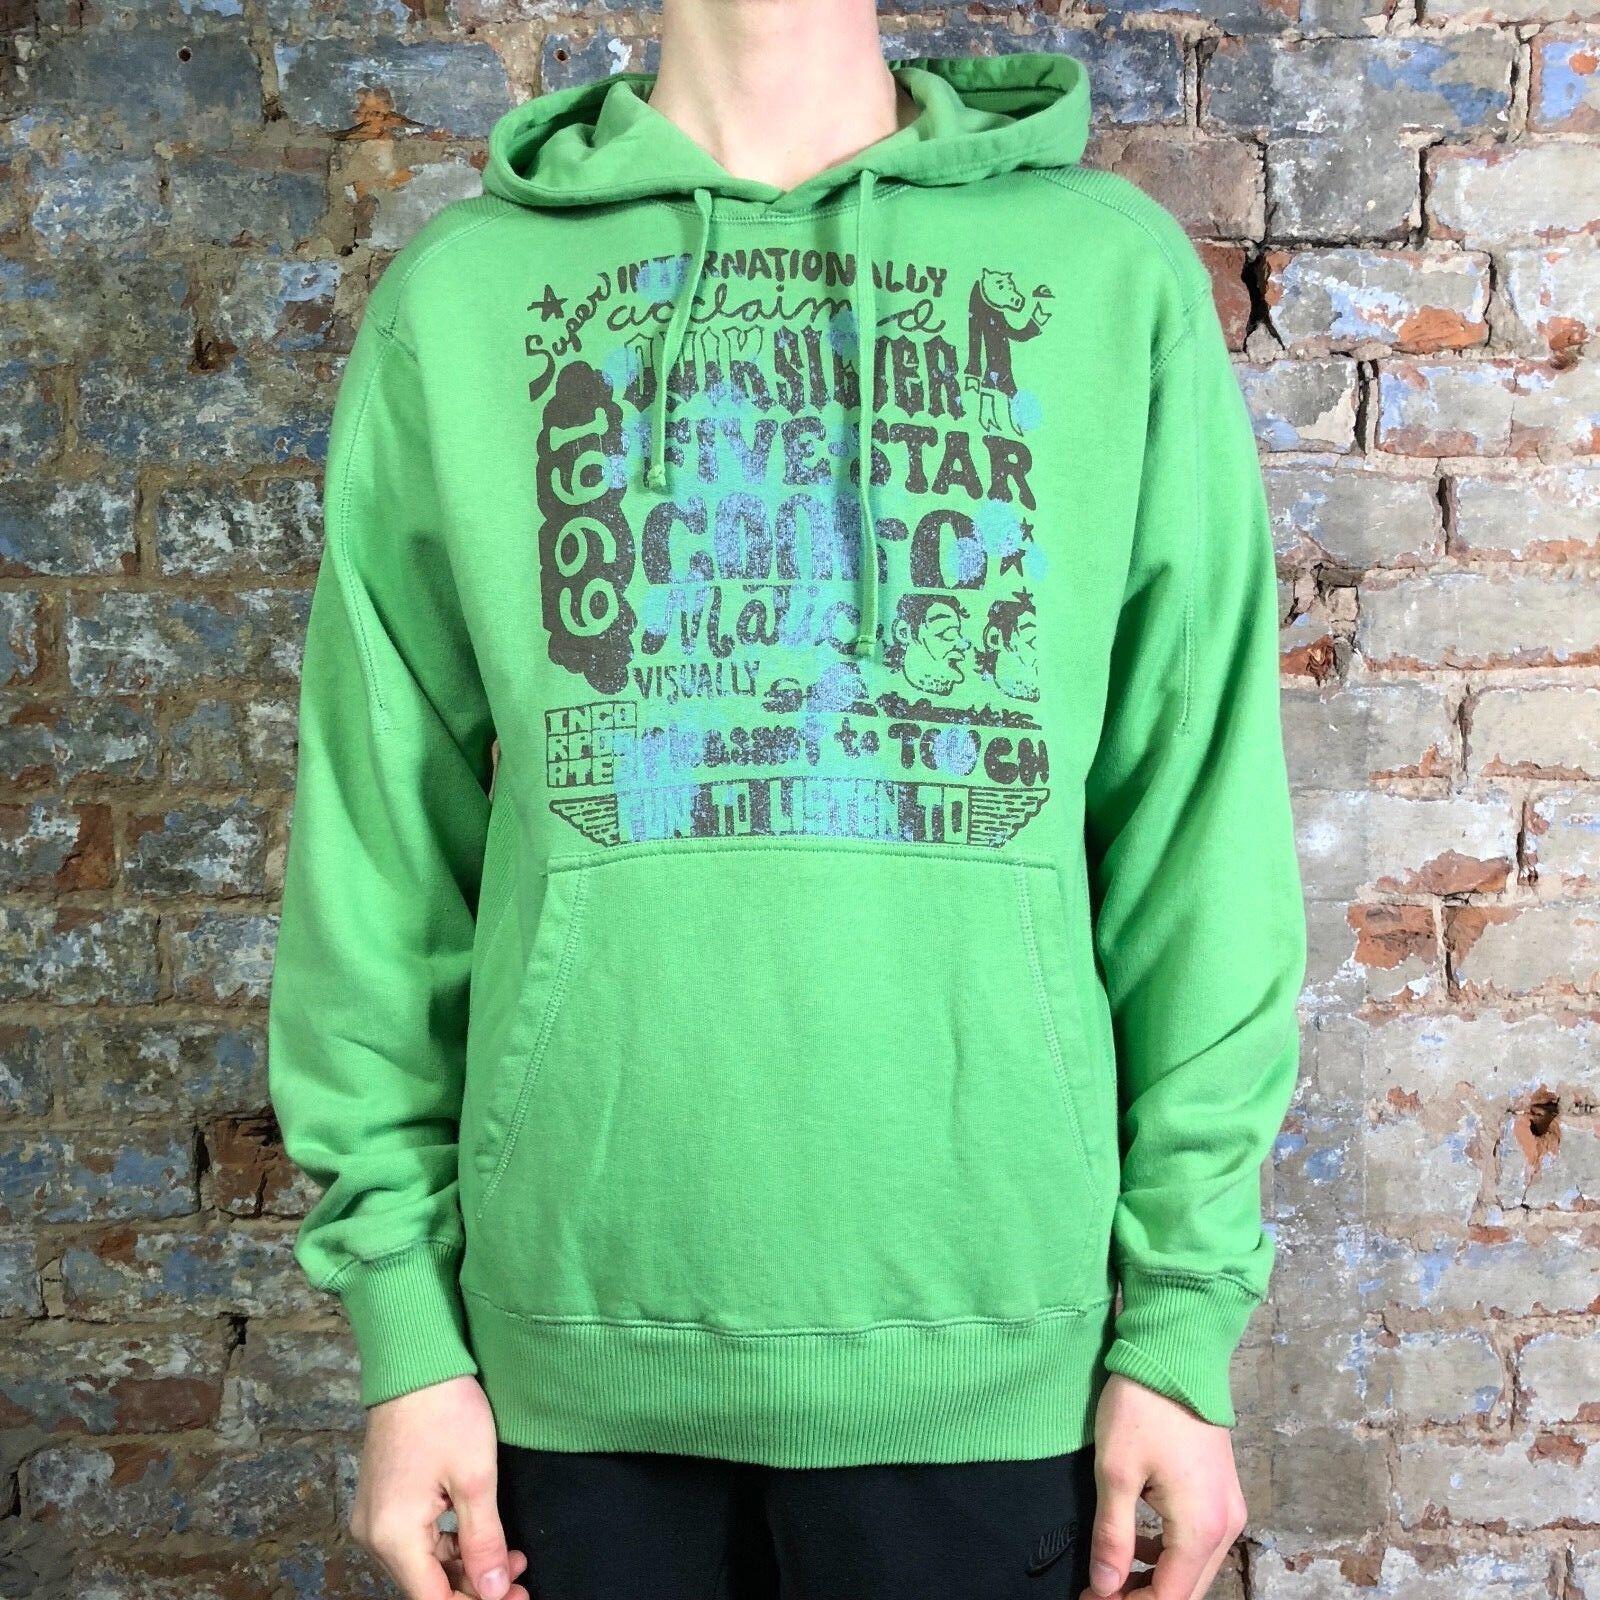 XL Quiksilver Vintage Gladiators Hoodie Hooded Sweatshirt Brand New in size M,L